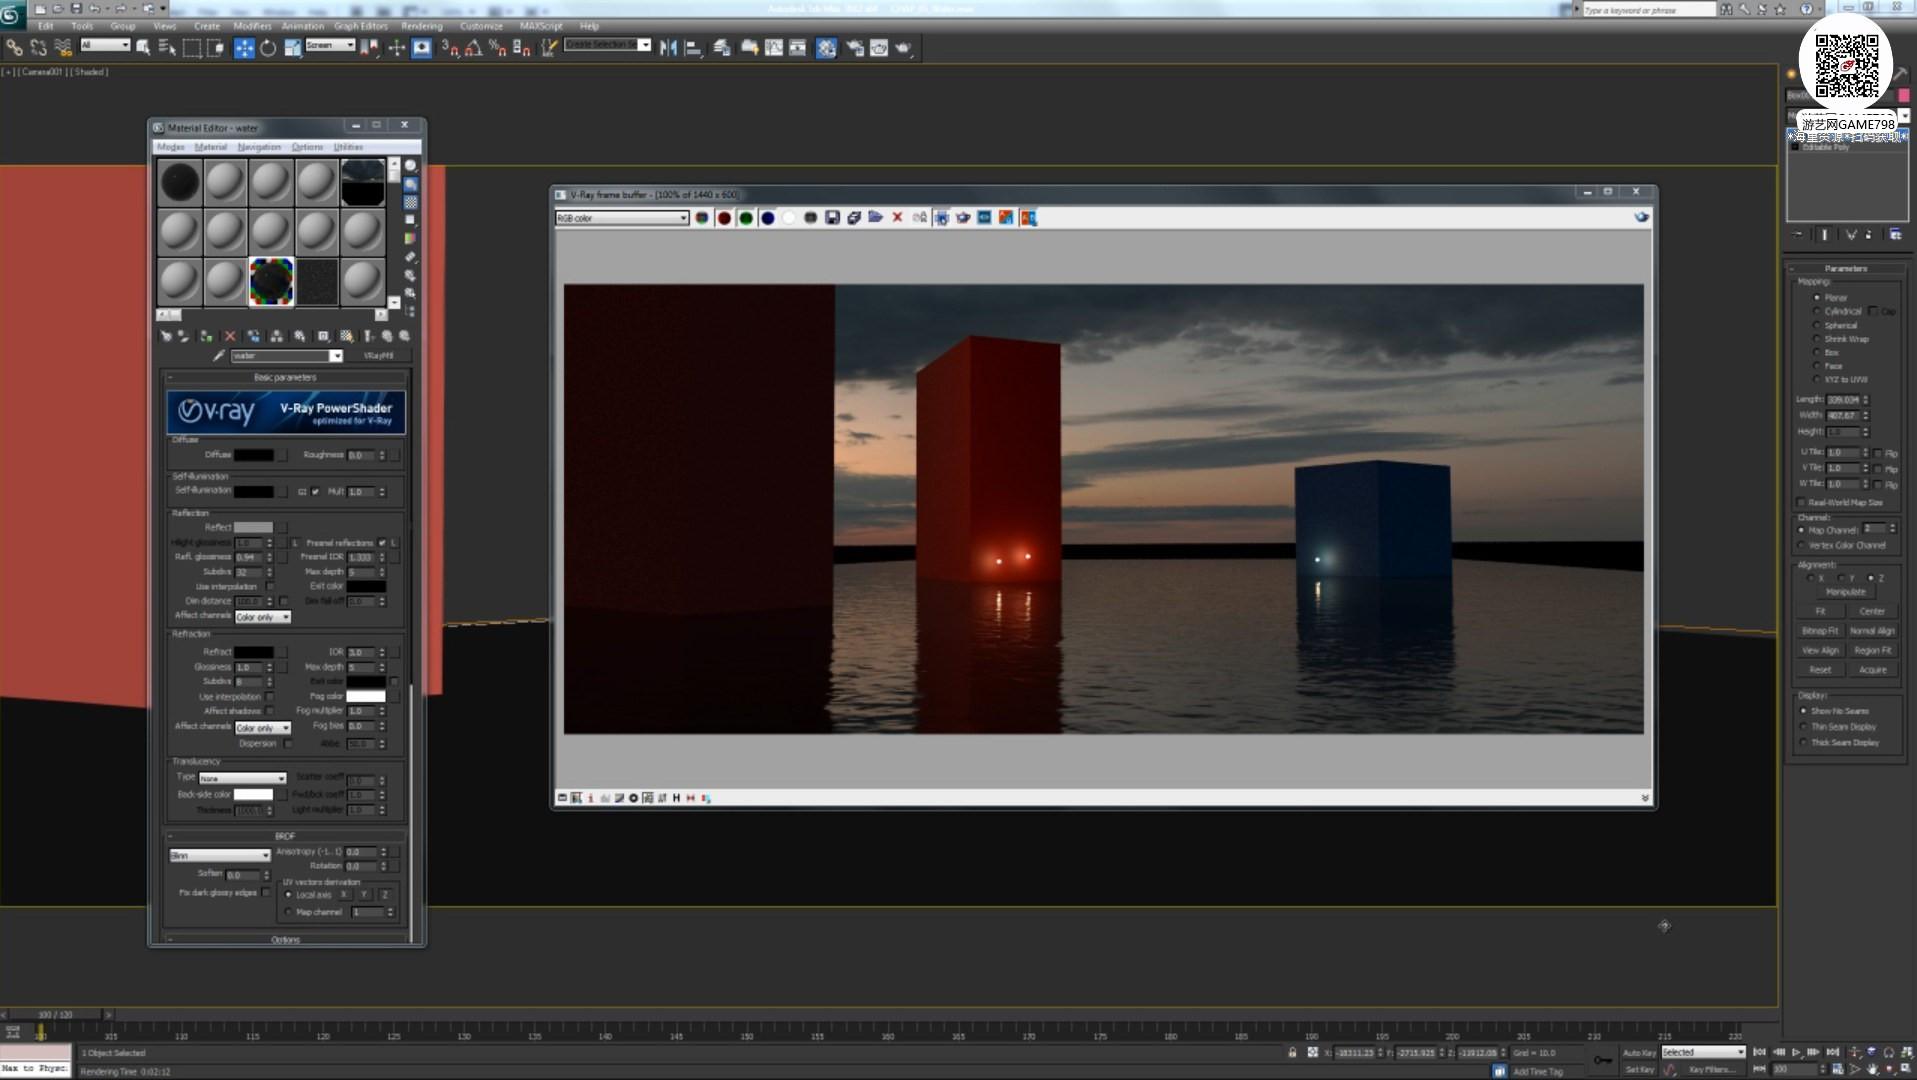 012_关注-游艺网GAME798海量资源下载【视频教程】超写实场景设定制作流程.jpg